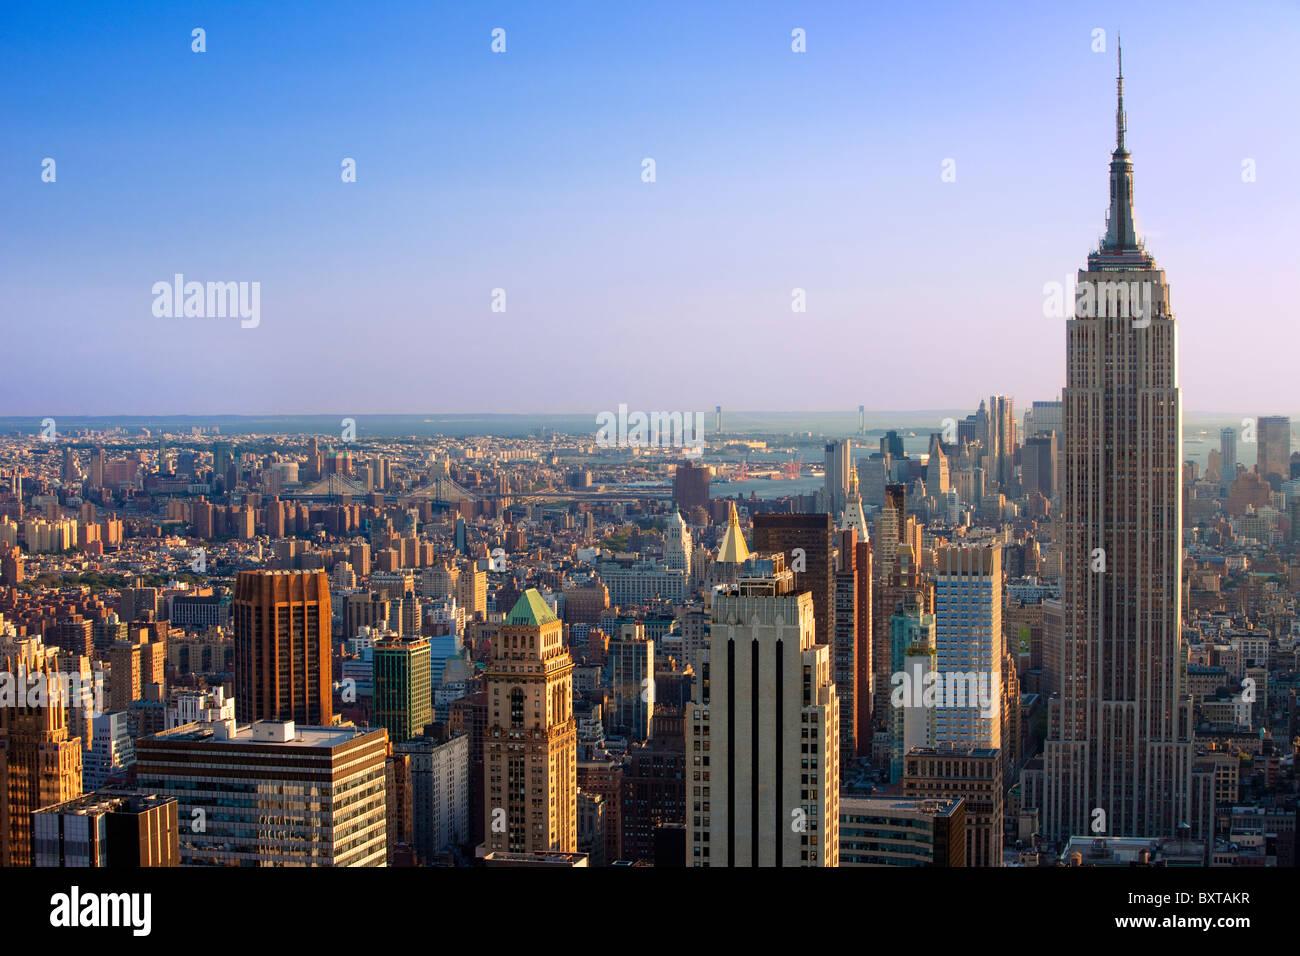 La fin de l'après-midi vue de l'Empire State Building et les toits de Manhattan, New York City USA Banque D'Images